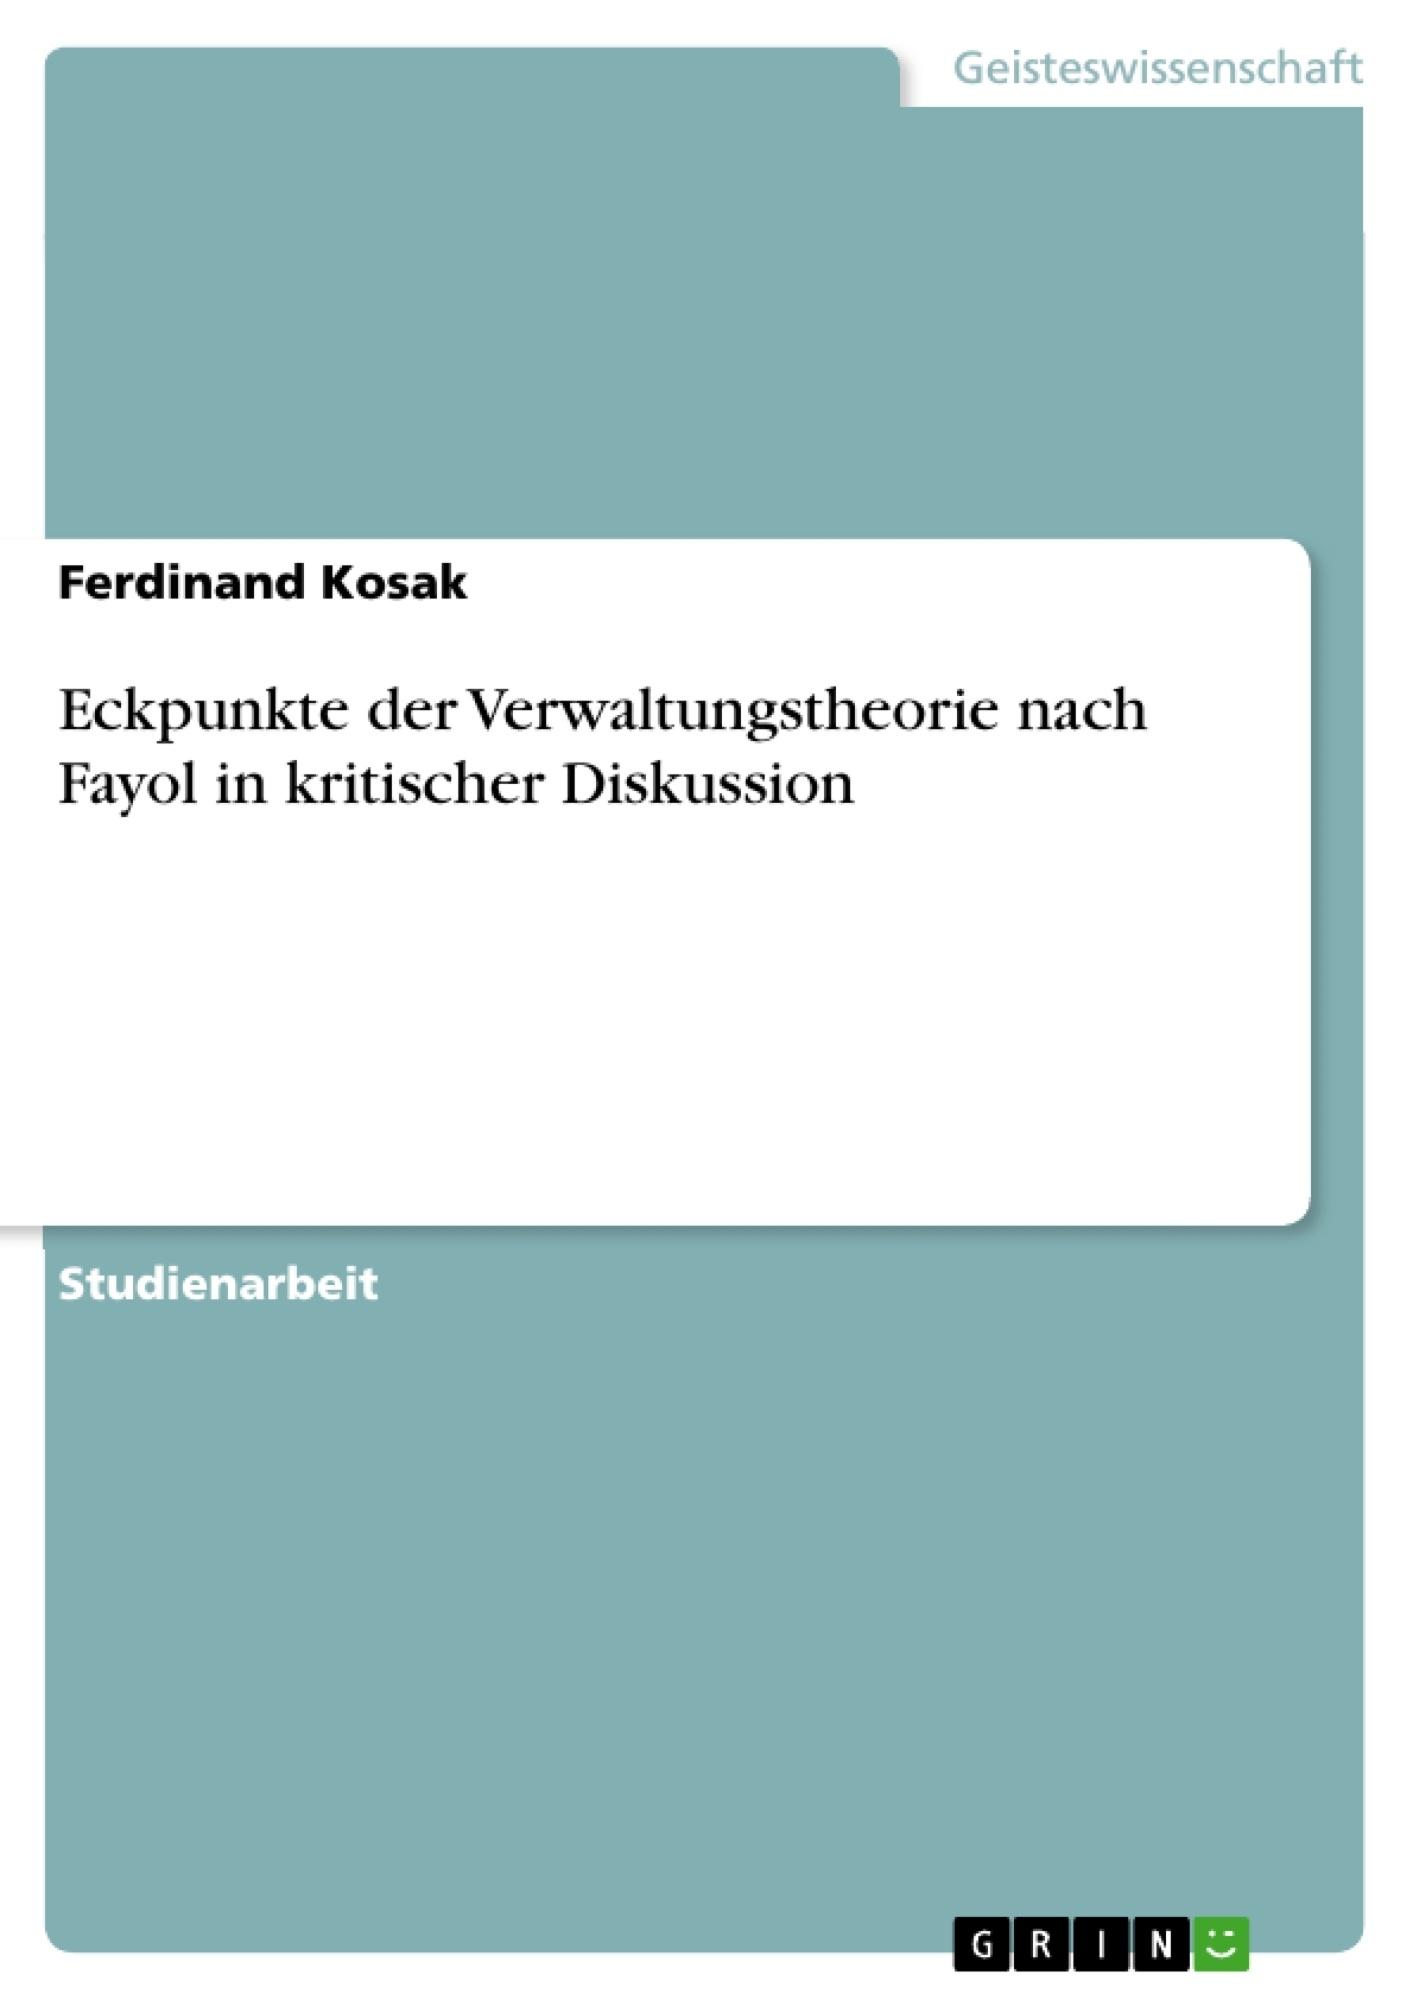 Titel: Eckpunkte der Verwaltungstheorie nach Fayol in kritischer Diskussion